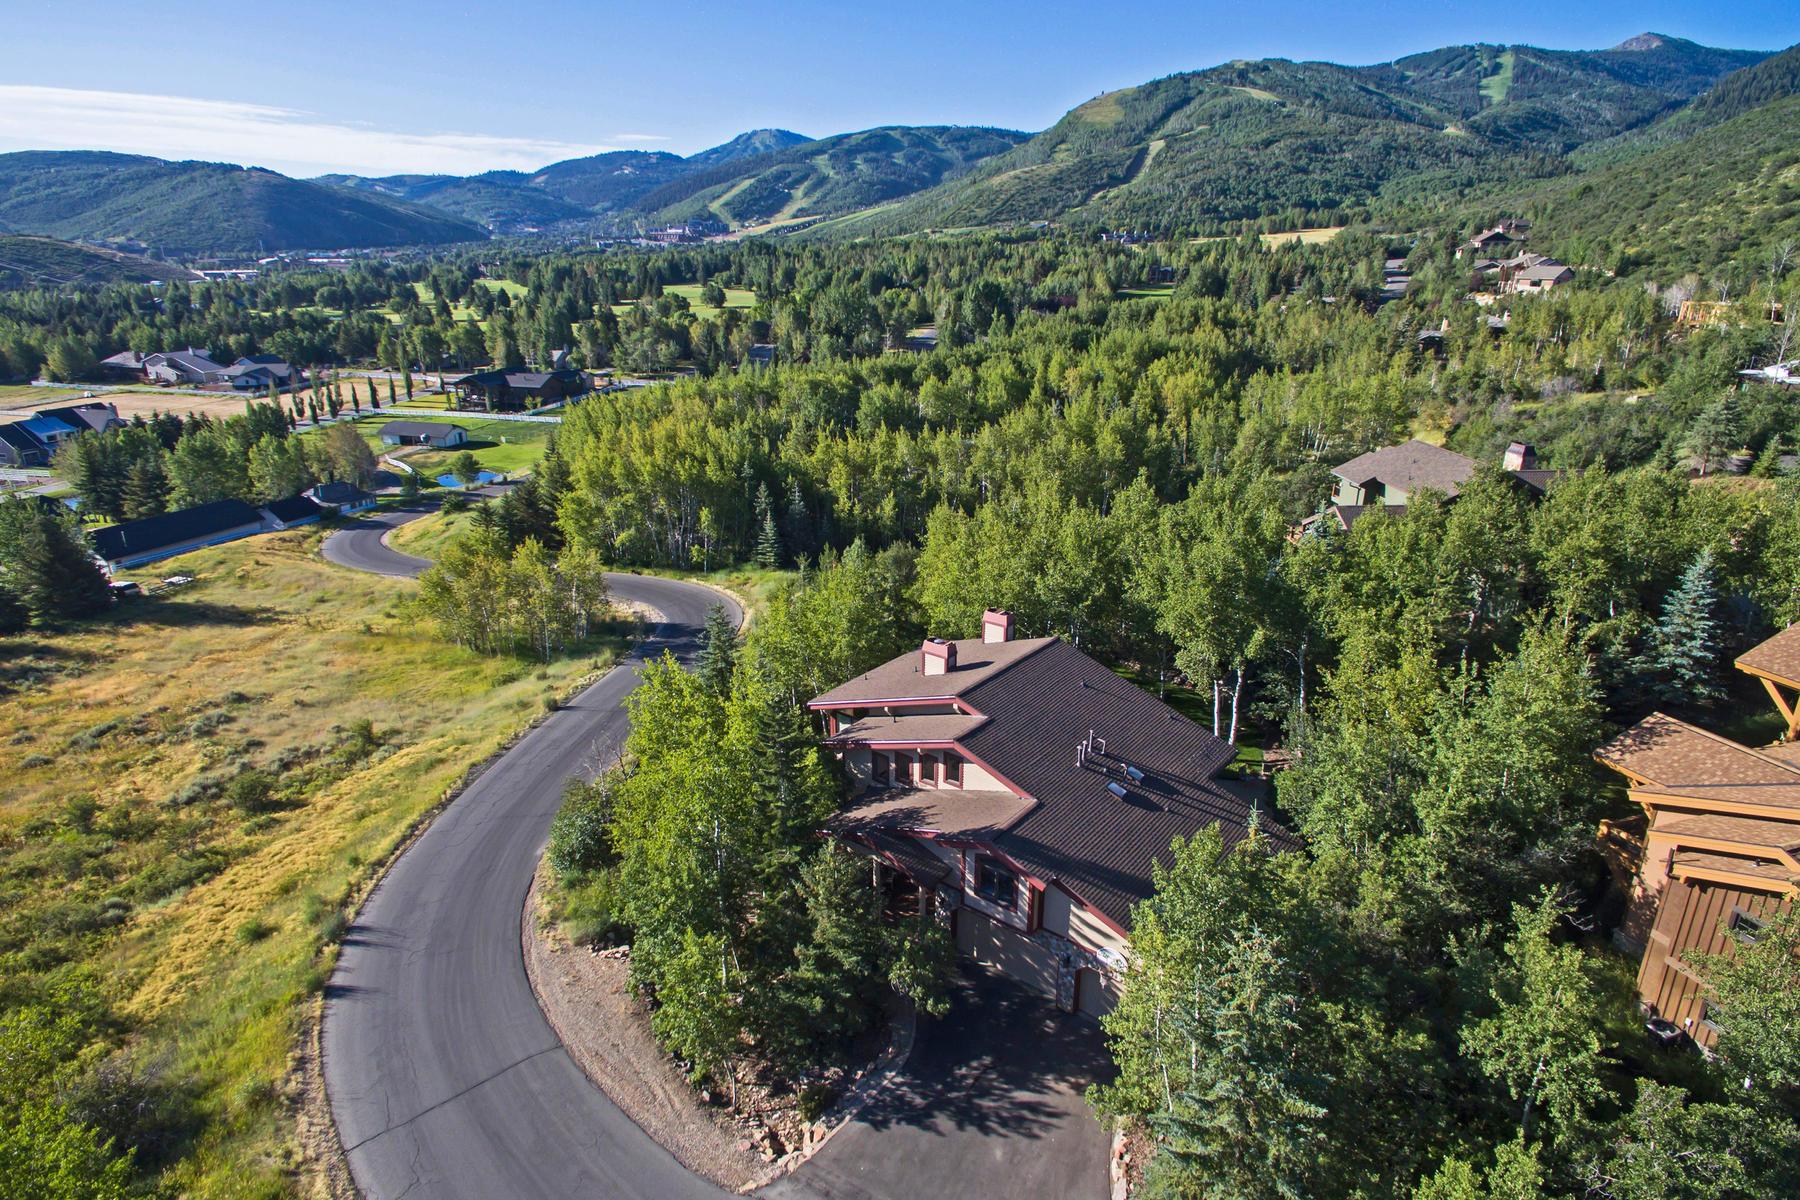 一戸建て のために 売買 アット Resort Views and Privacy in Iron Canyon 2410 Iron Canyon Dr Park City, ユタ, 84060 アメリカ合衆国